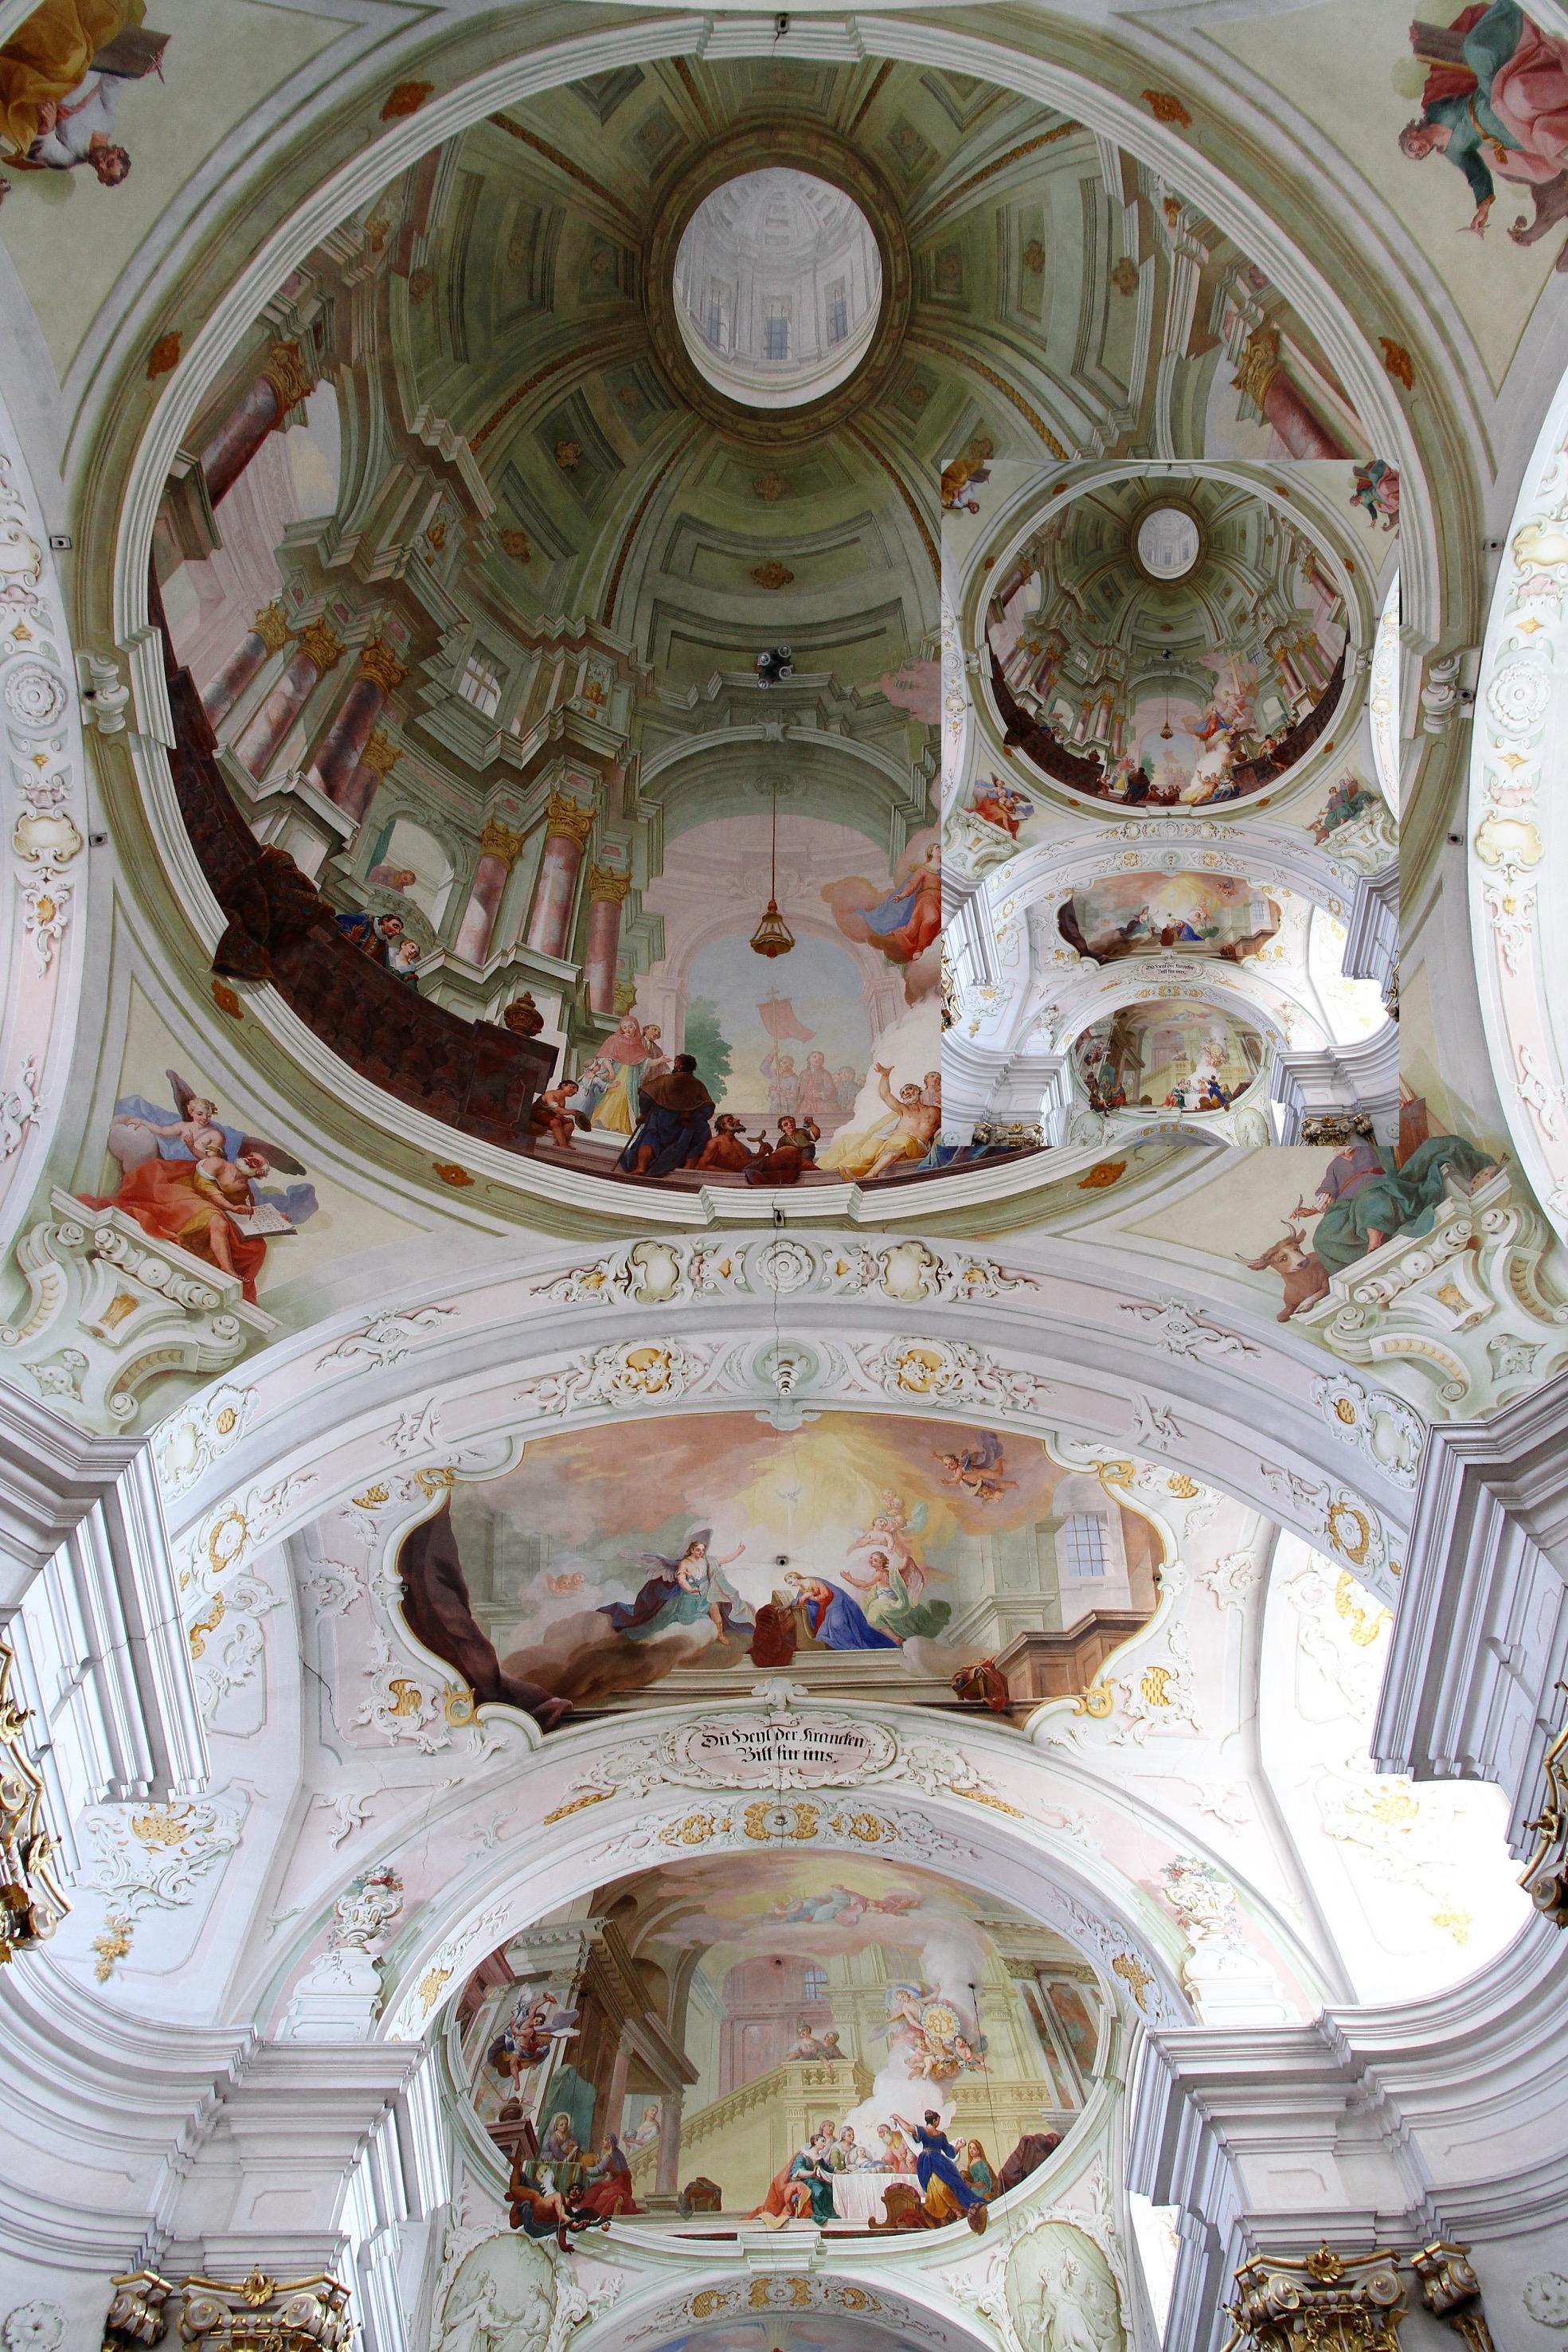 Maria Langegg - Kirche, Deckenfresko  © Bwag/CC-BY-SA-4.0